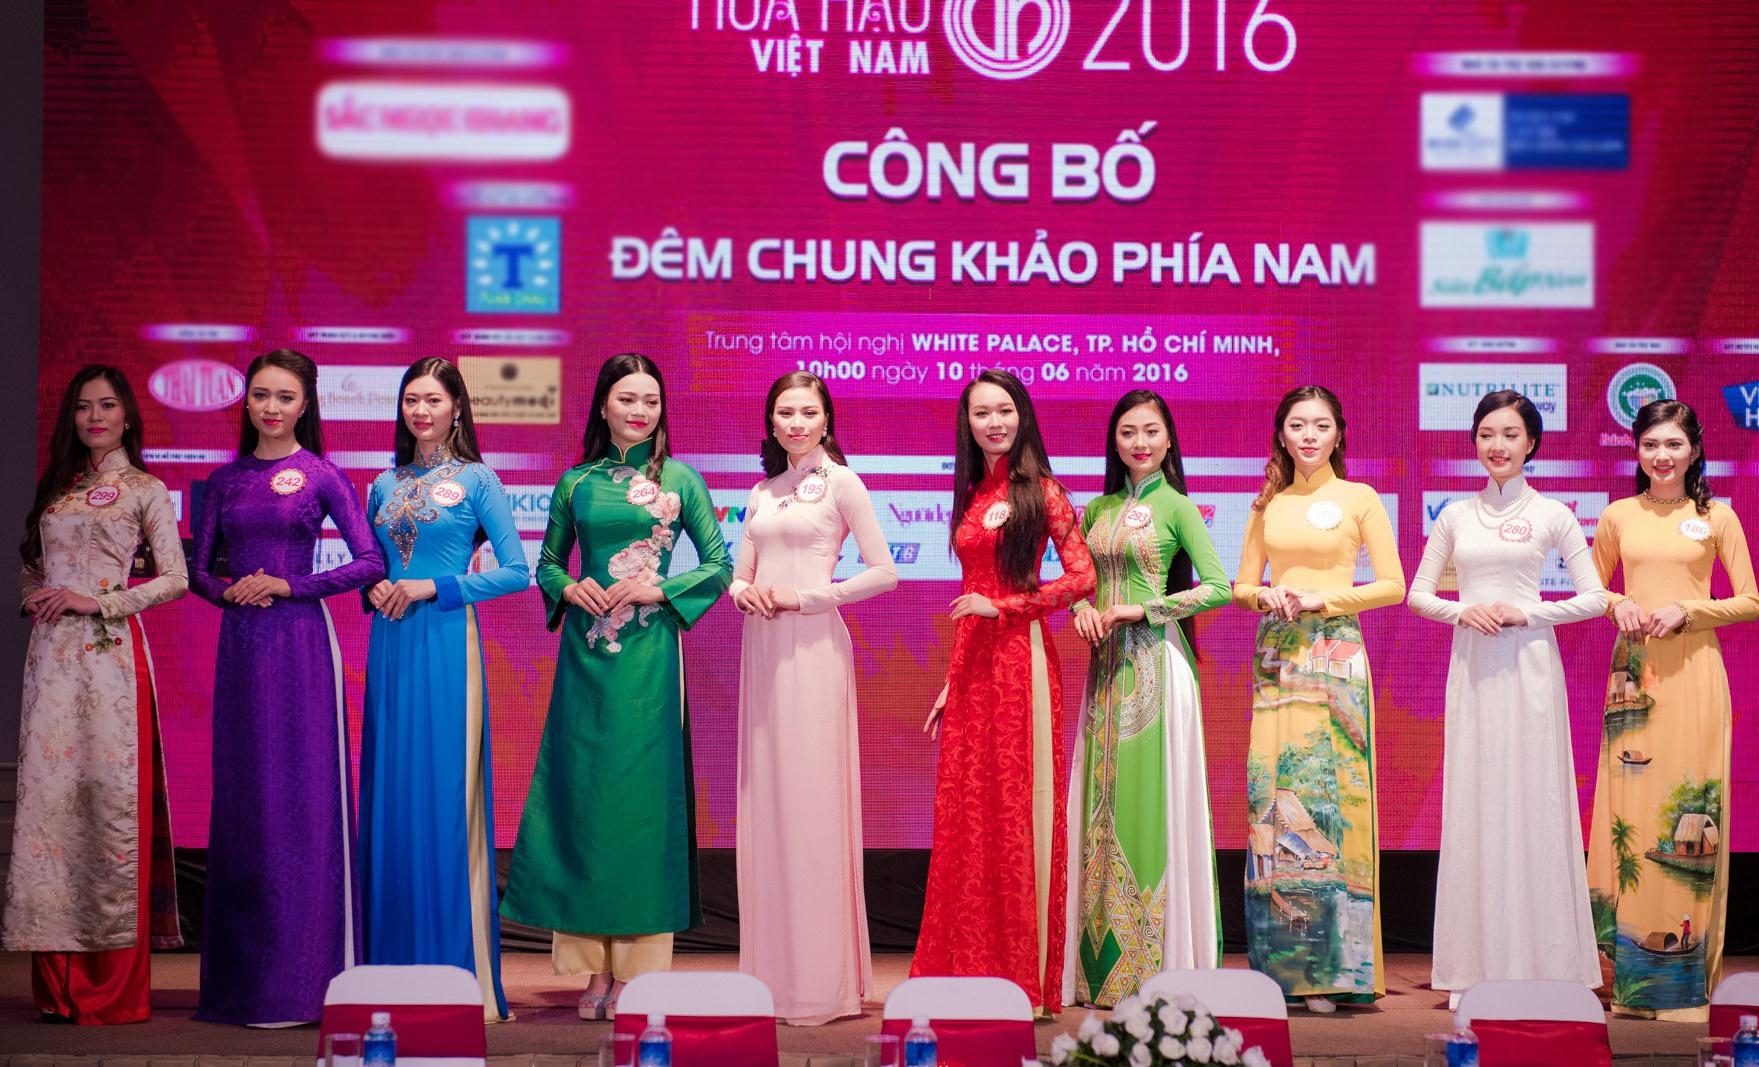 Bi Rain sẽ trình diễn trong đêm chung kết Hoa hậu Việt Nam - 4